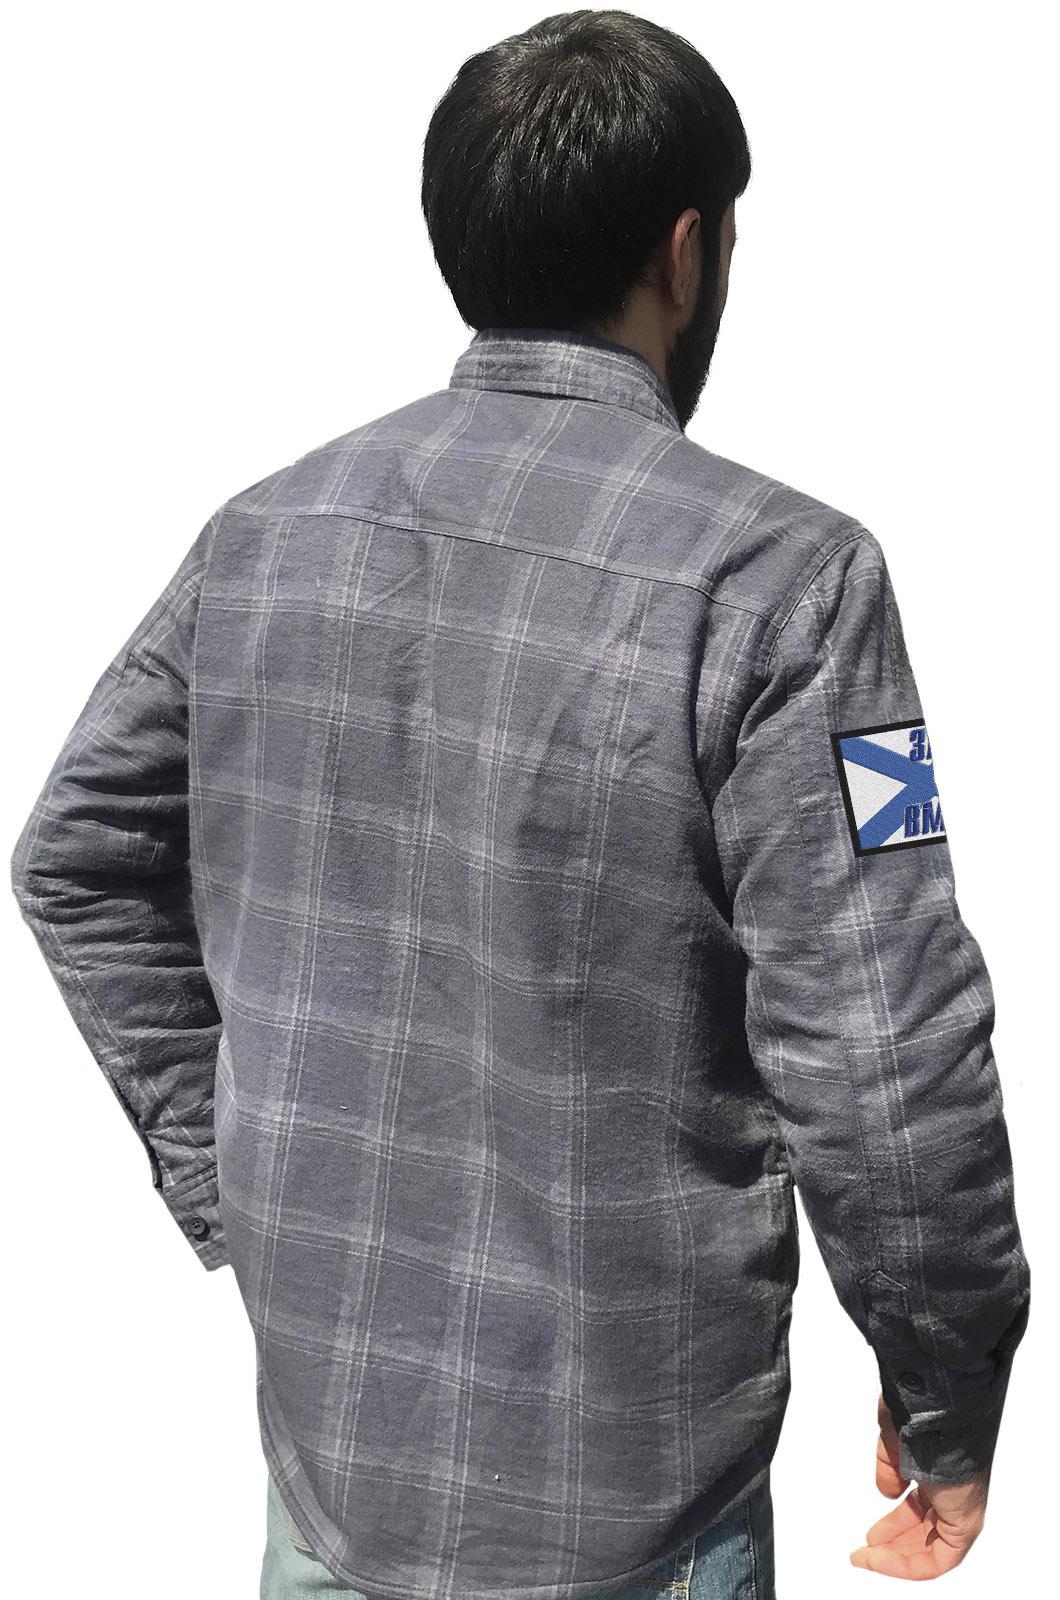 Демисезонная мужская рубашка заказать с доставкой